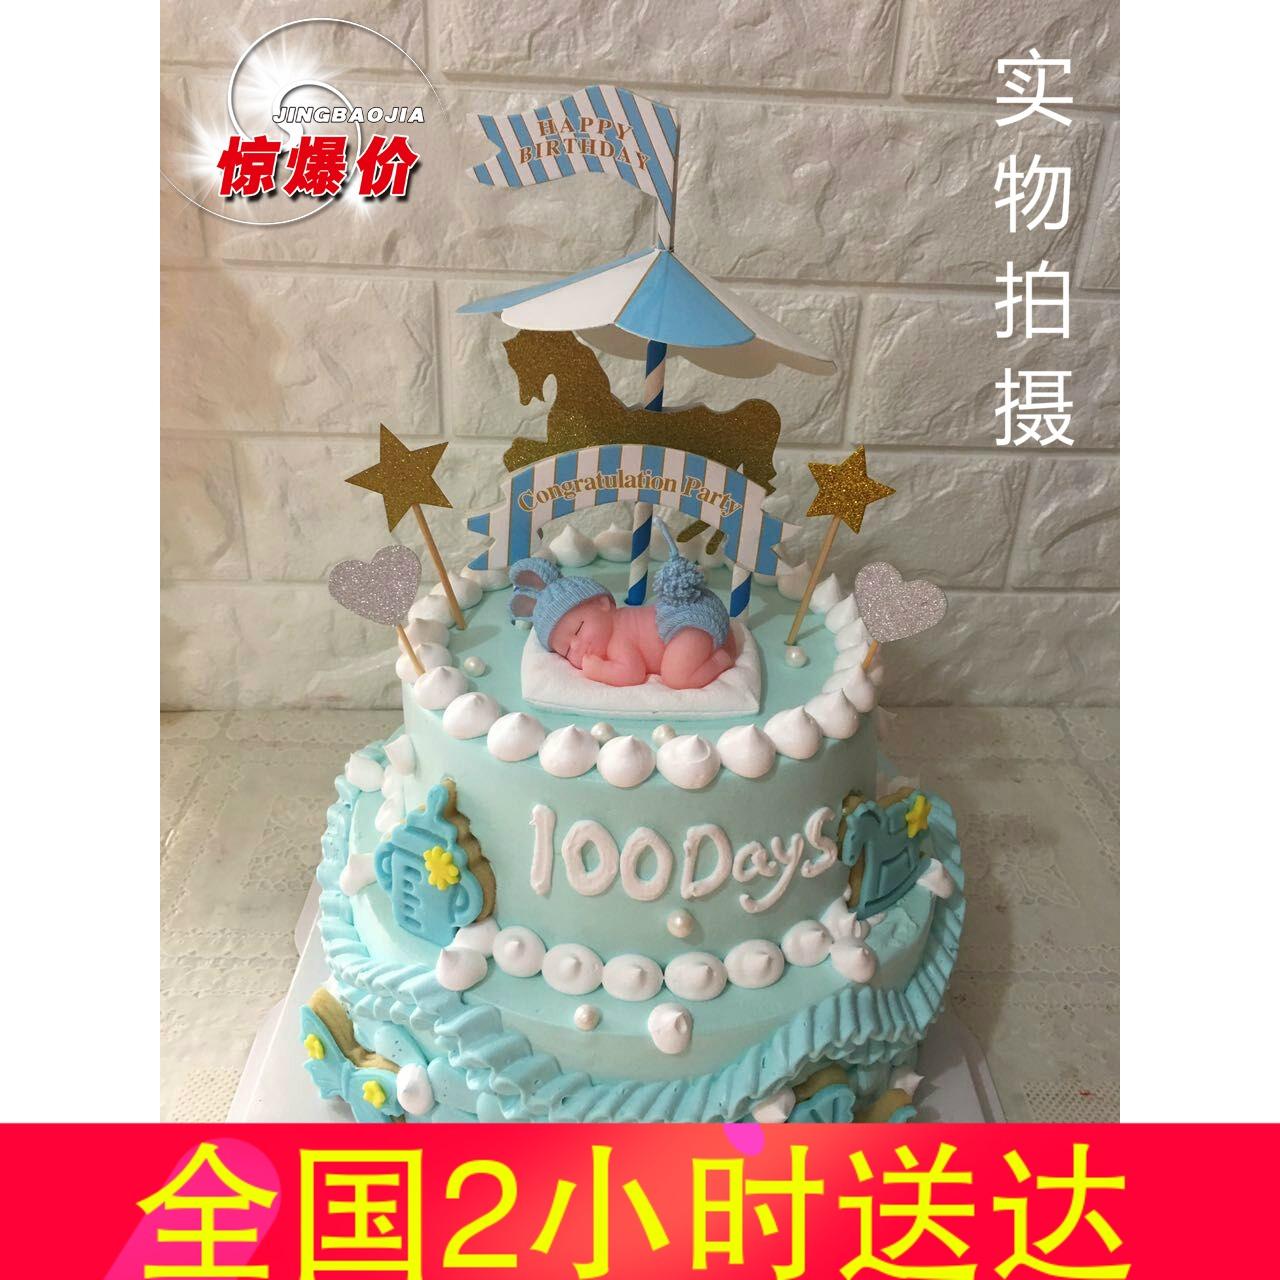 宝宝百日百岁周岁庆典宴会纪念场景儿童卡通生日蛋糕青岛同城配送